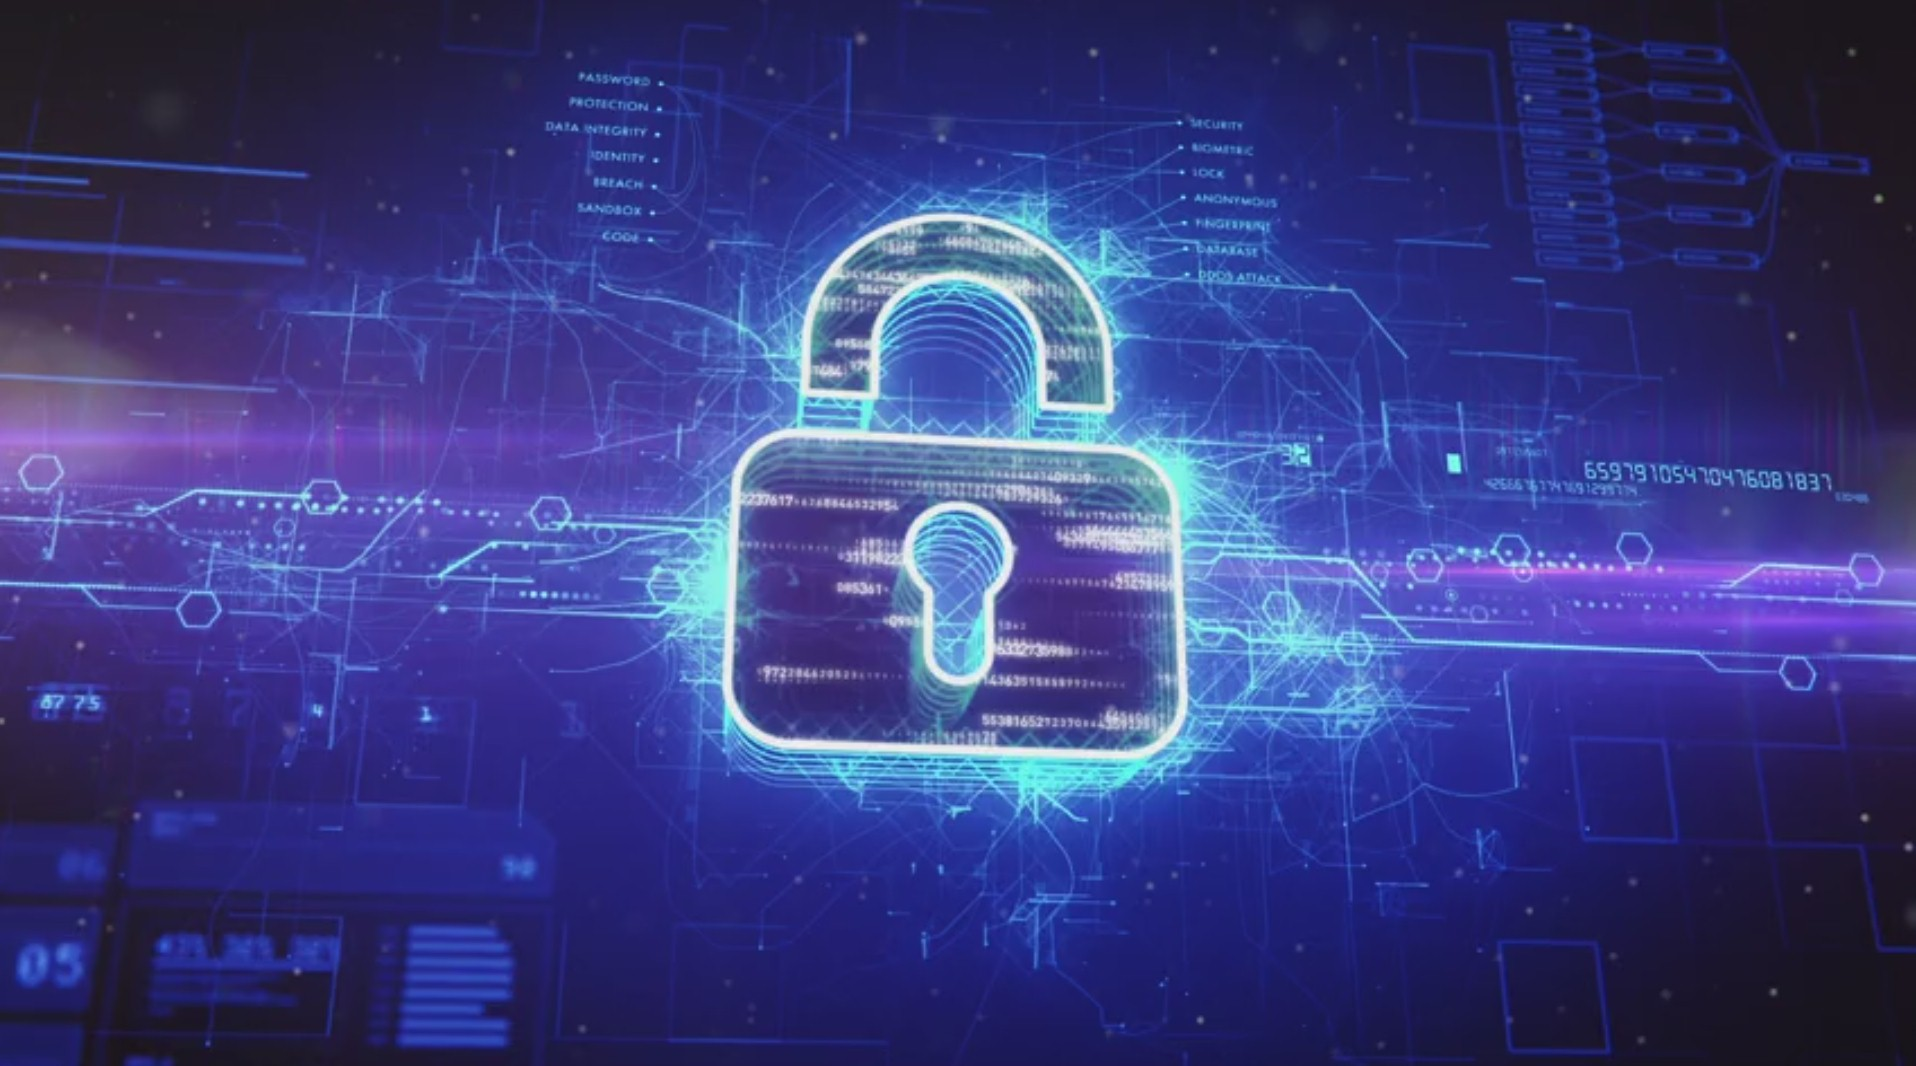 Информационная безопасность от компании SecurityVision